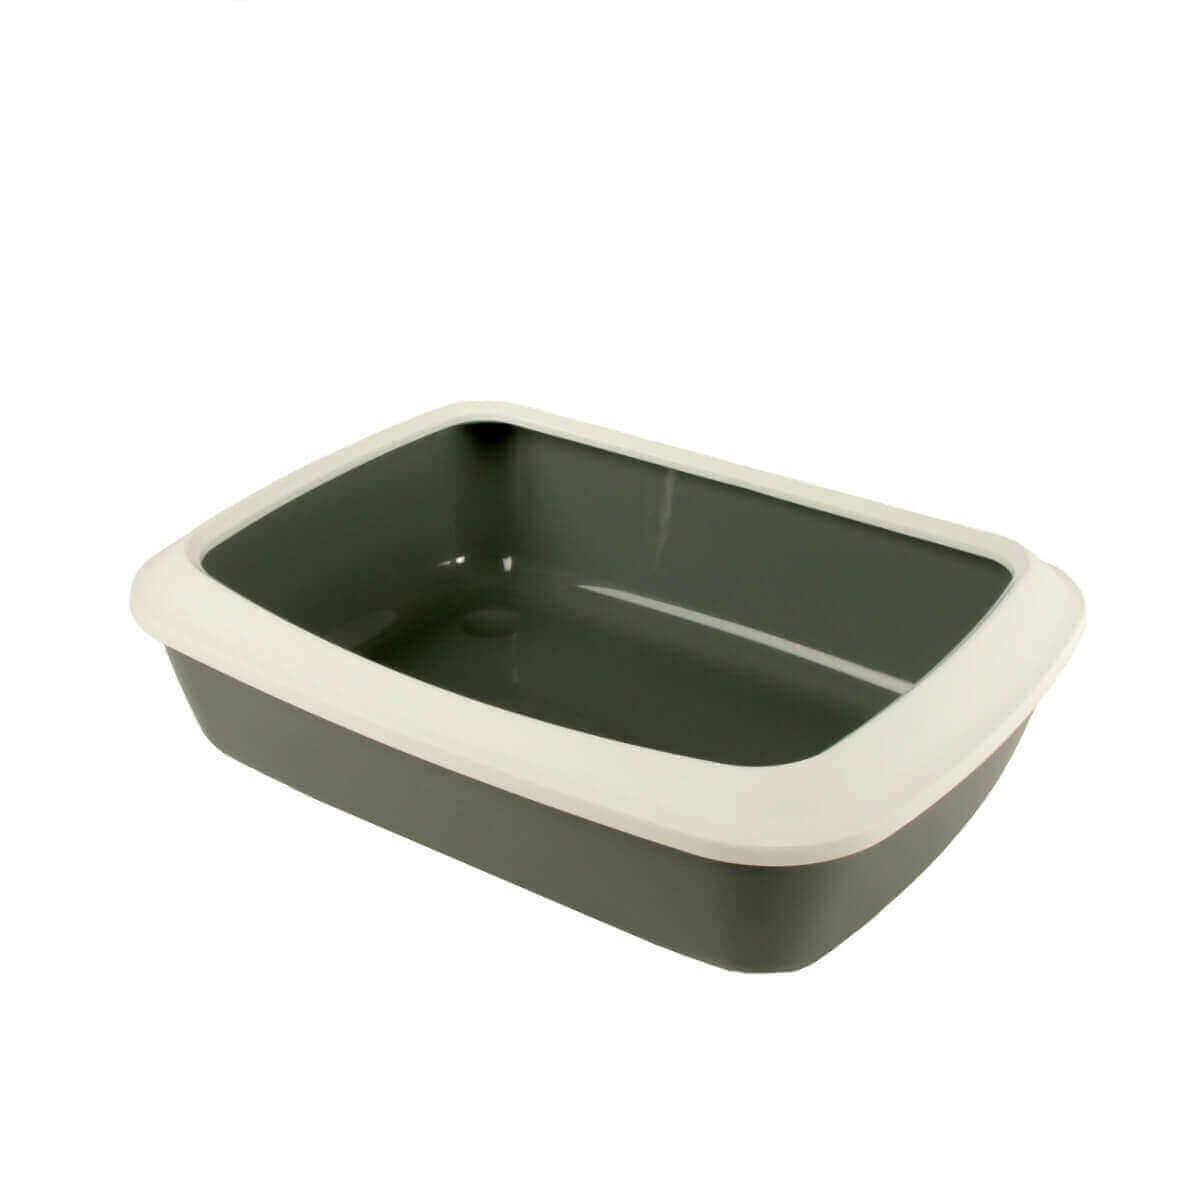 bac liti re pour chat isis bac et maison de toilette. Black Bedroom Furniture Sets. Home Design Ideas